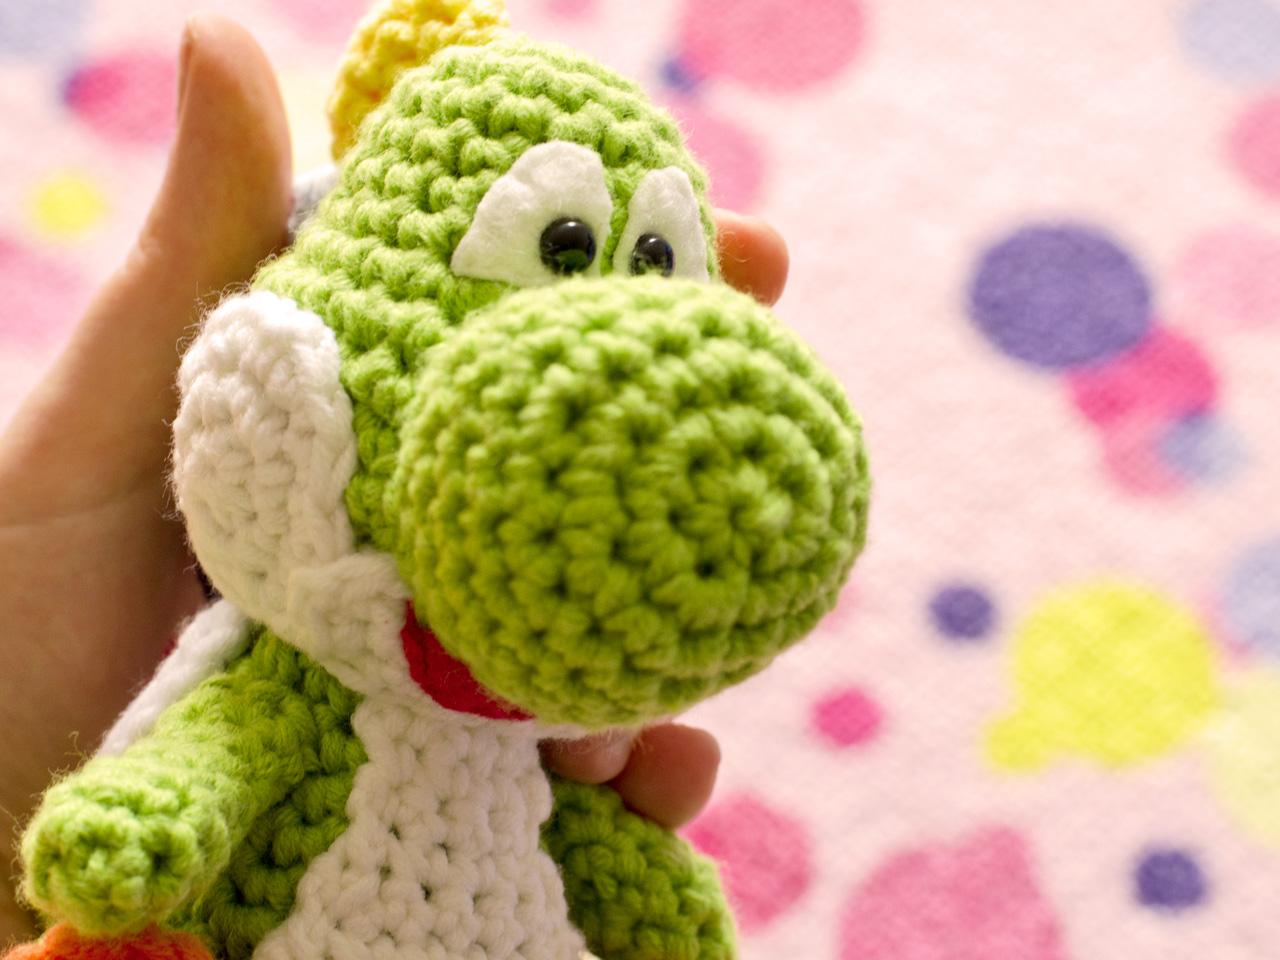 Amigurumi Dinosaur Yoshi Crochet Free Pattern - Amigurumi Free ... | 960x1280